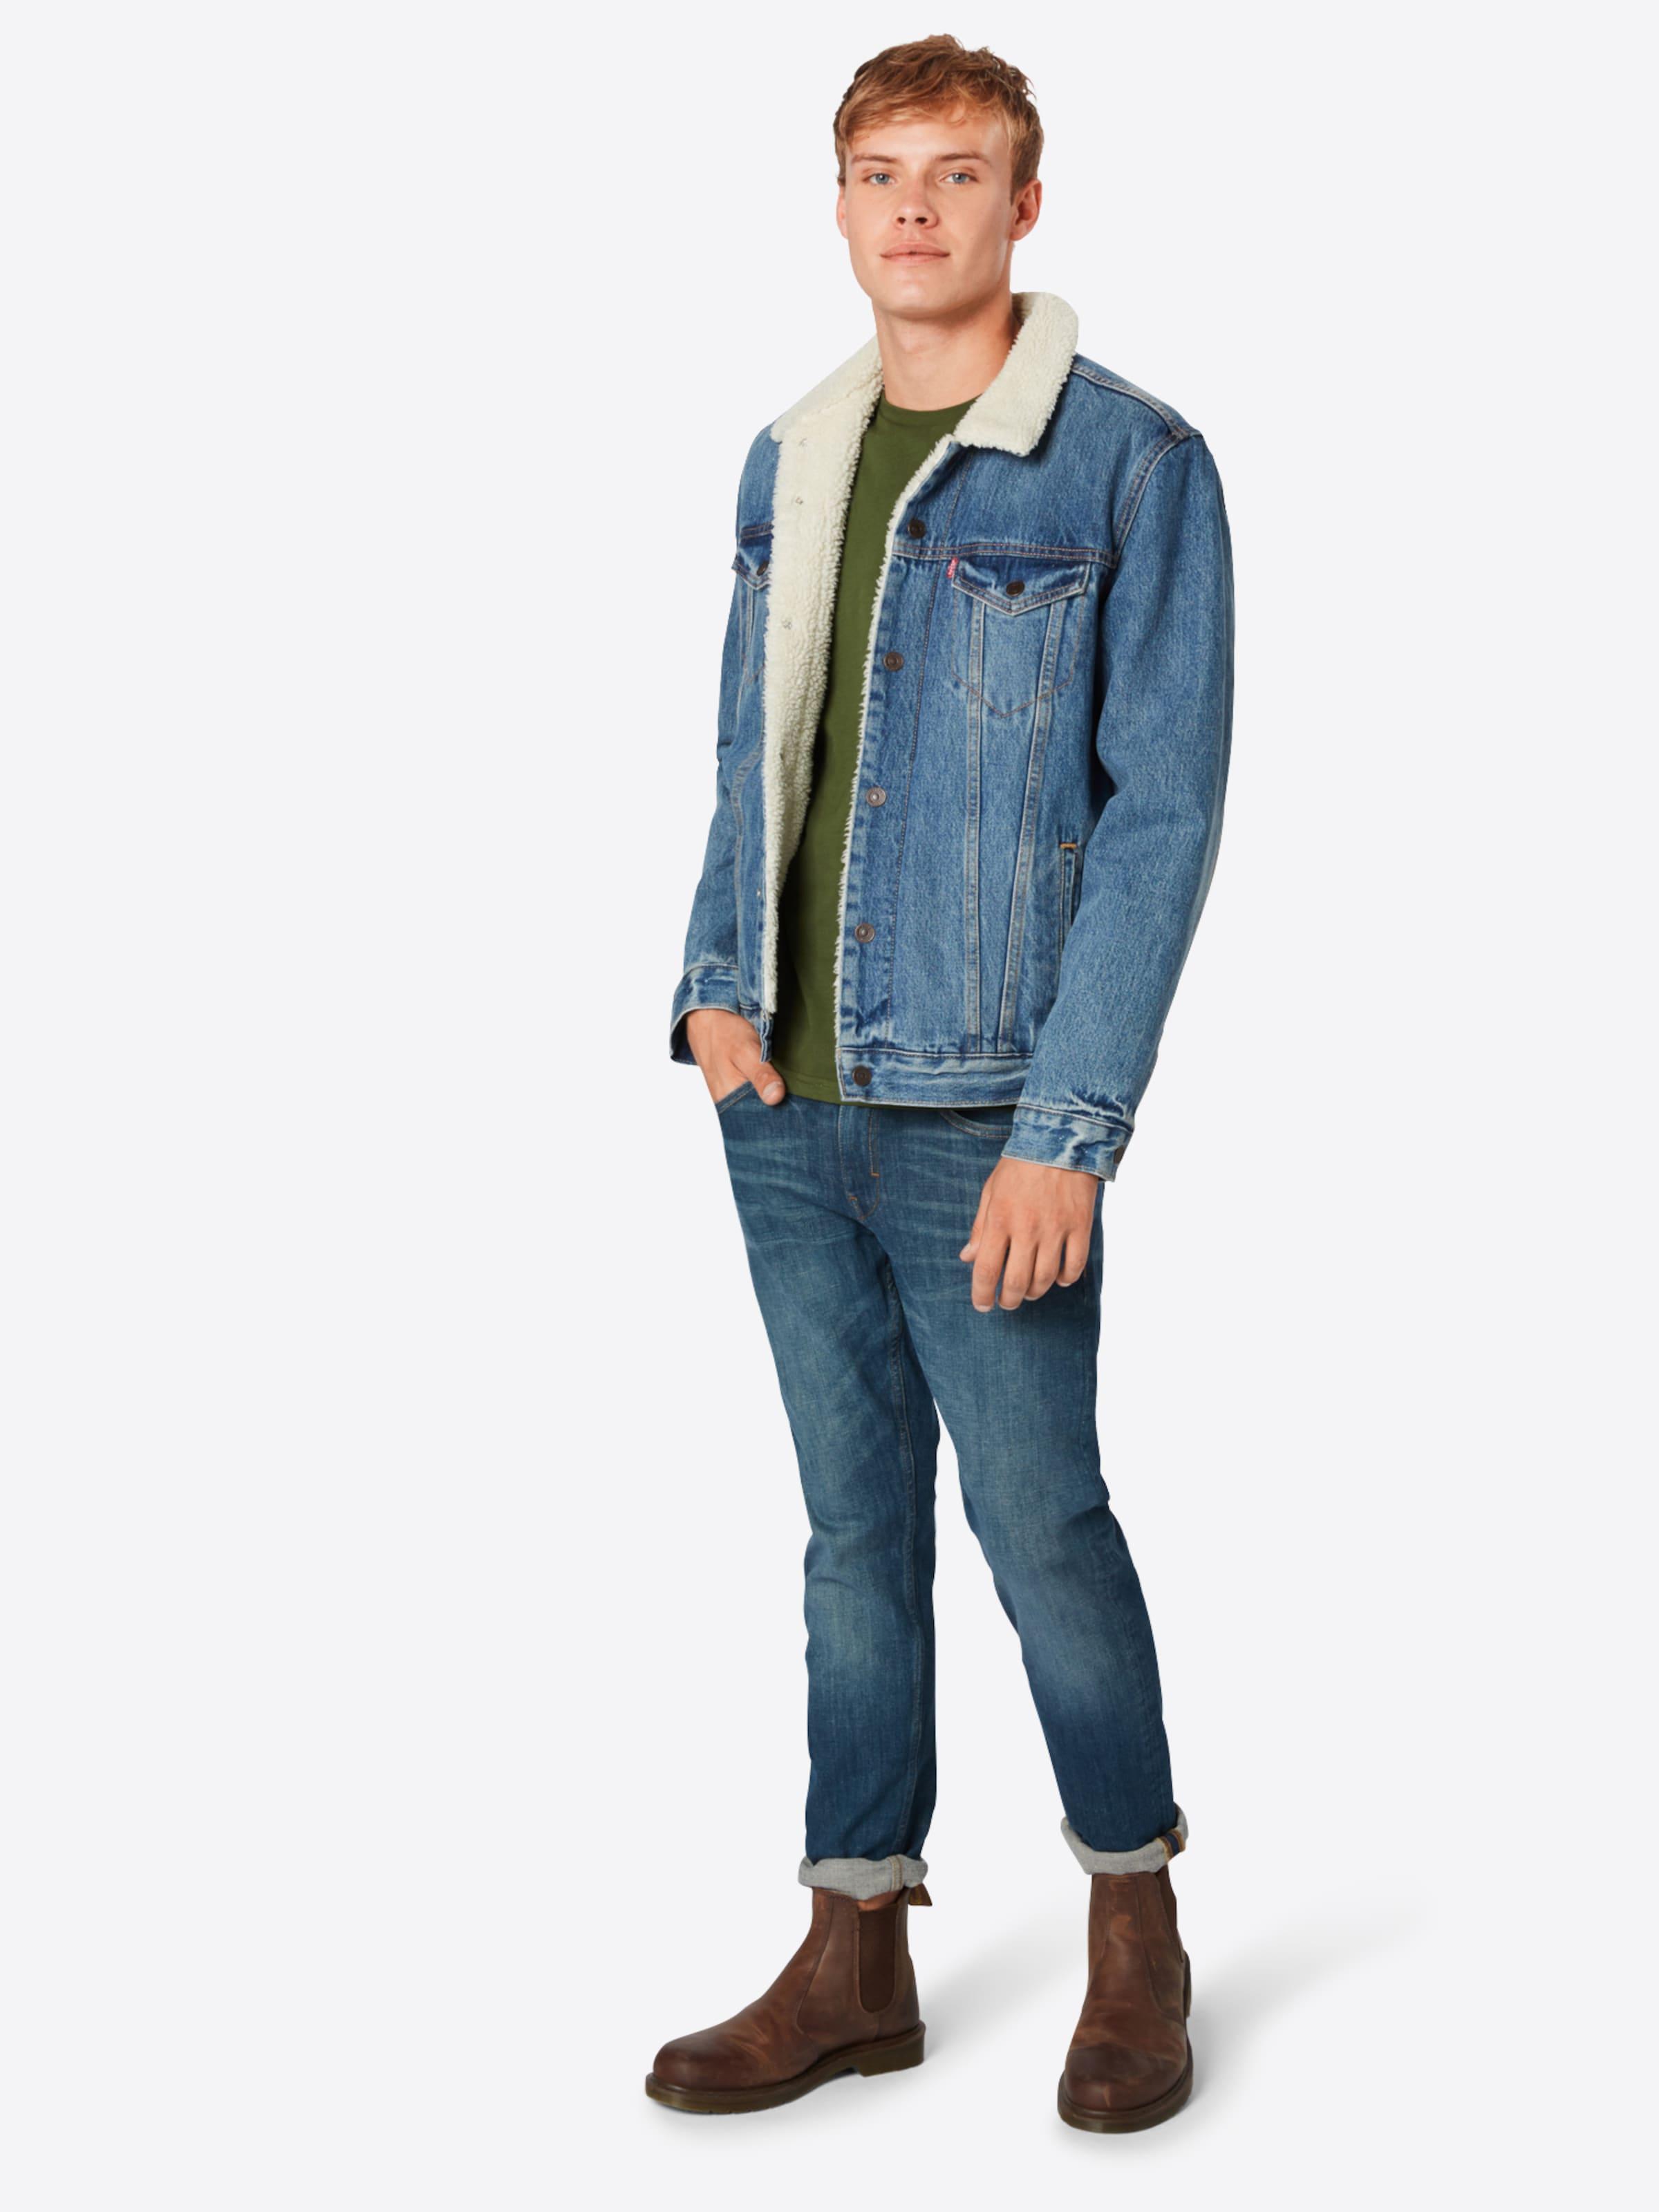 '5 Slim' Esprit Jeans Denim Pkt In Blue 0ZwPkN8nOX